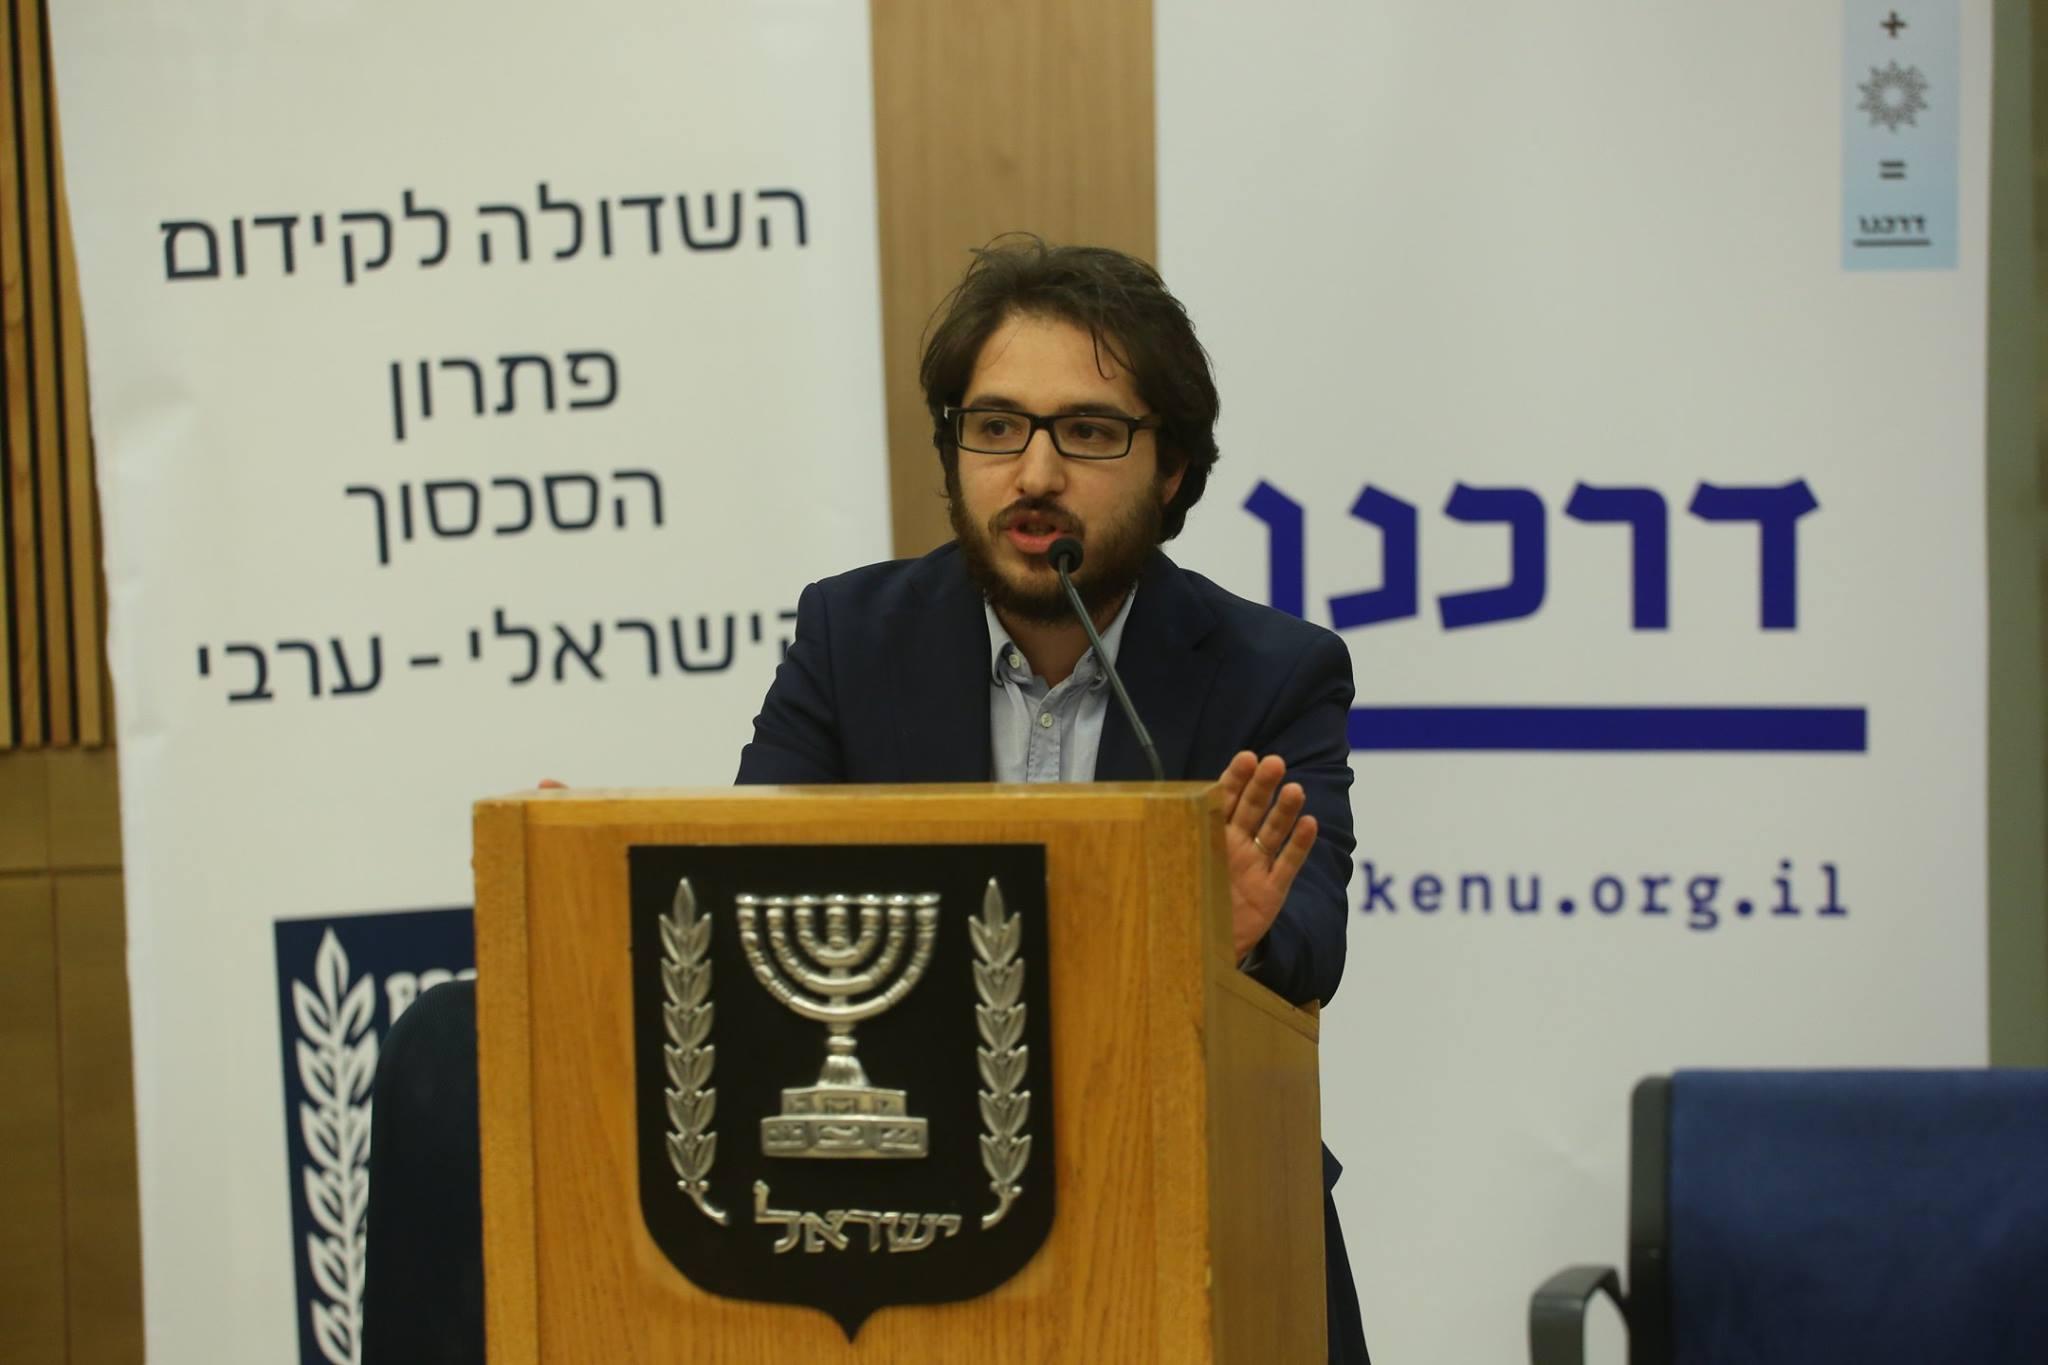 נמרוד דוויק באירוע השדולה לפתרון הסכסוך הערבי-ישראלי